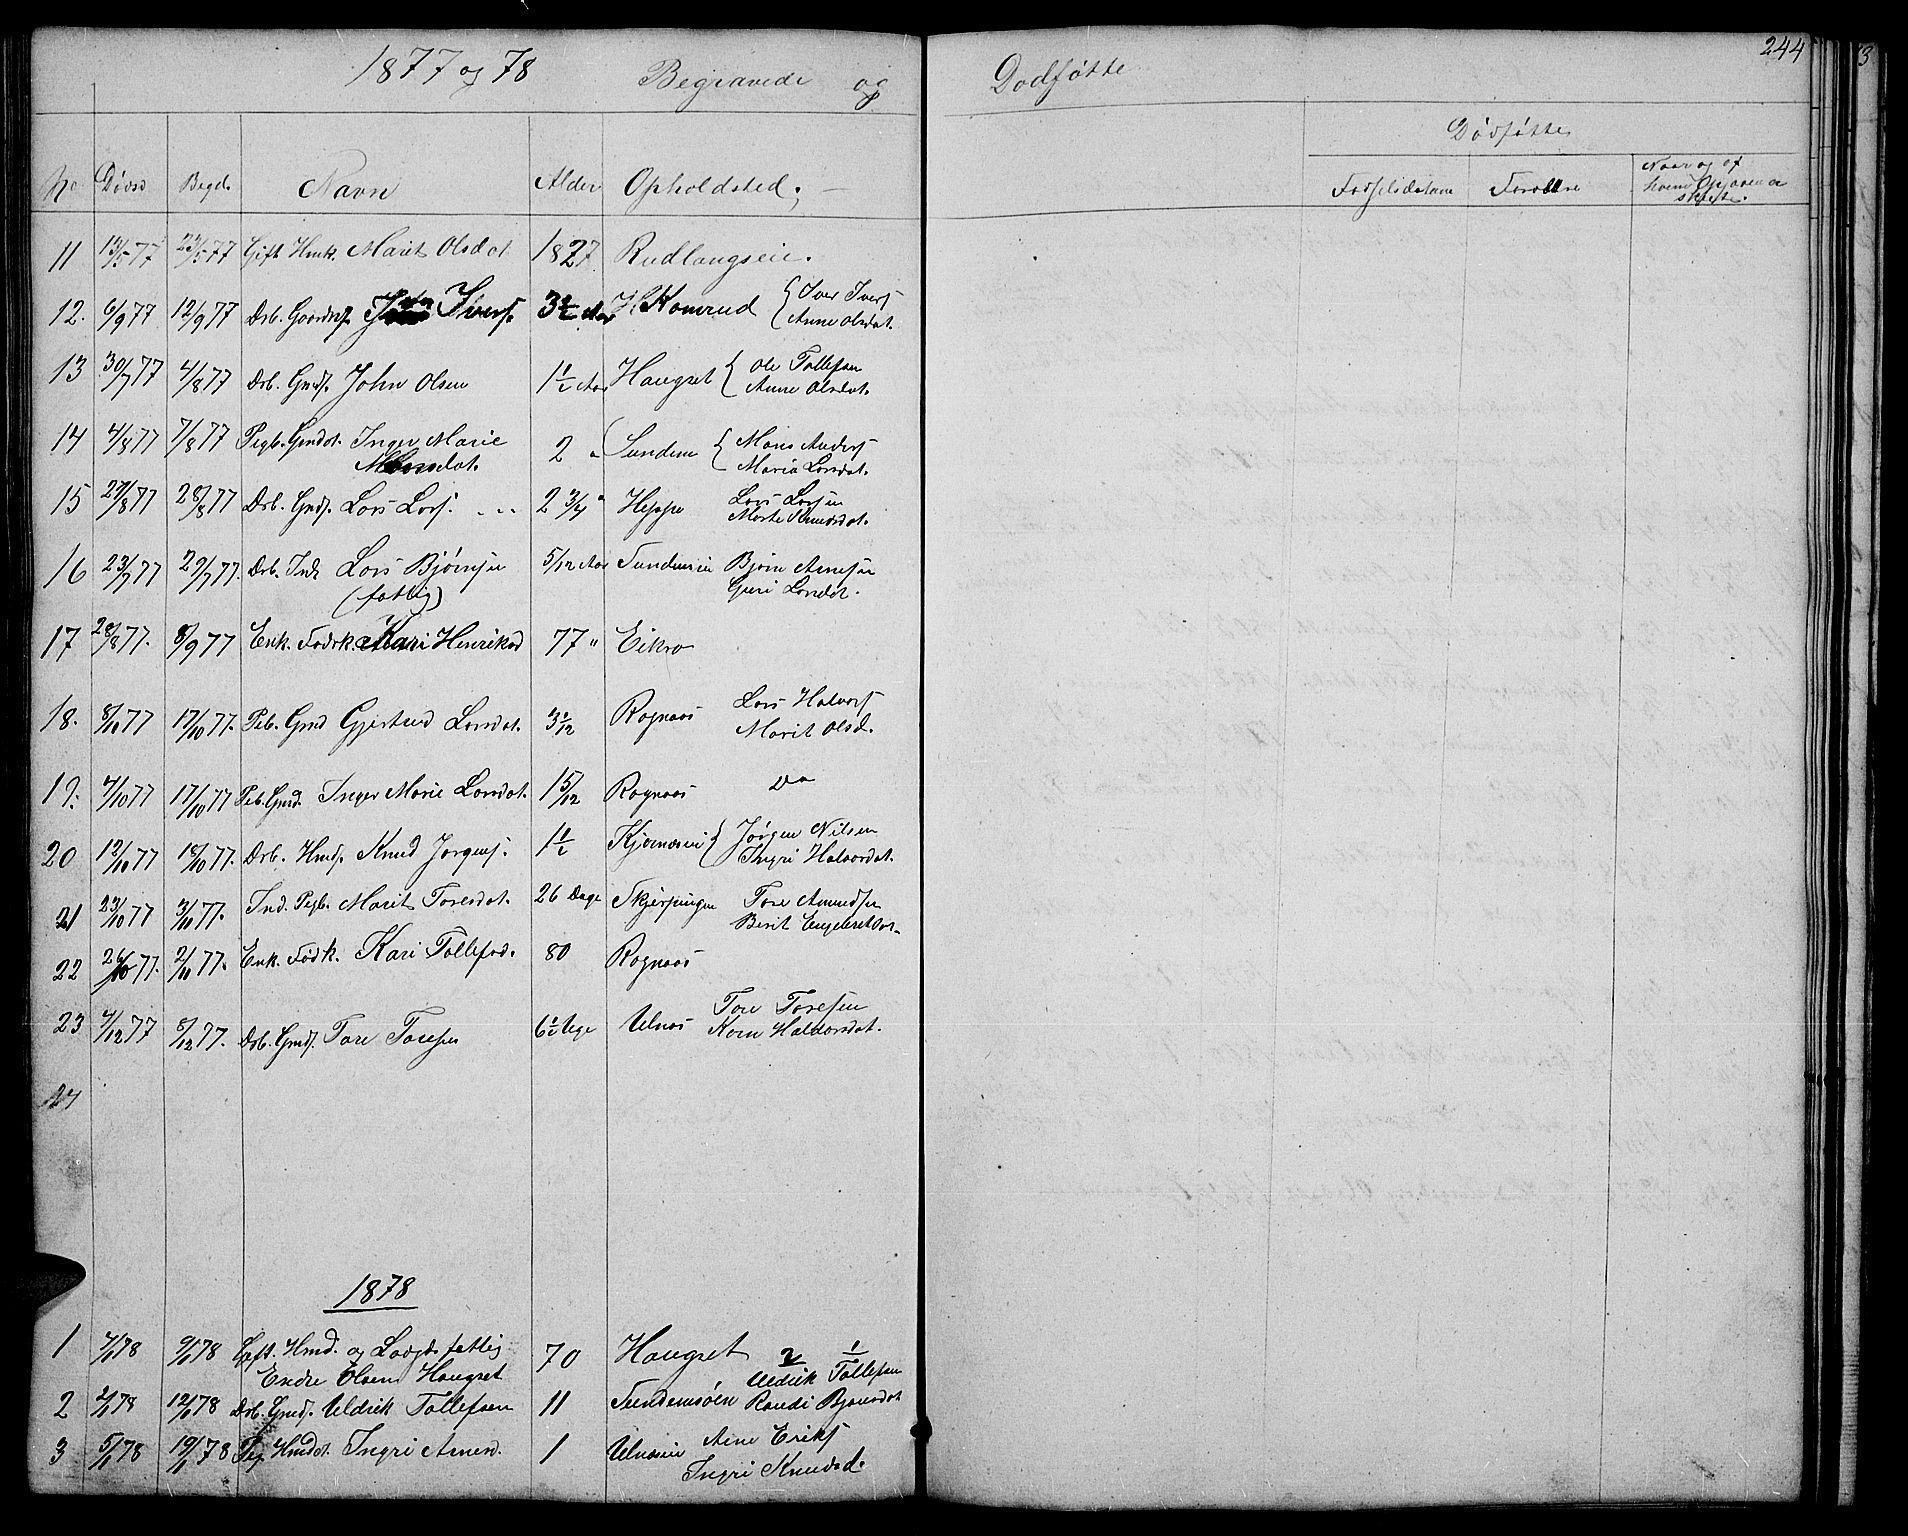 SAH, Nord-Aurdal prestekontor, Klokkerbok nr. 4, 1842-1882, s. 244